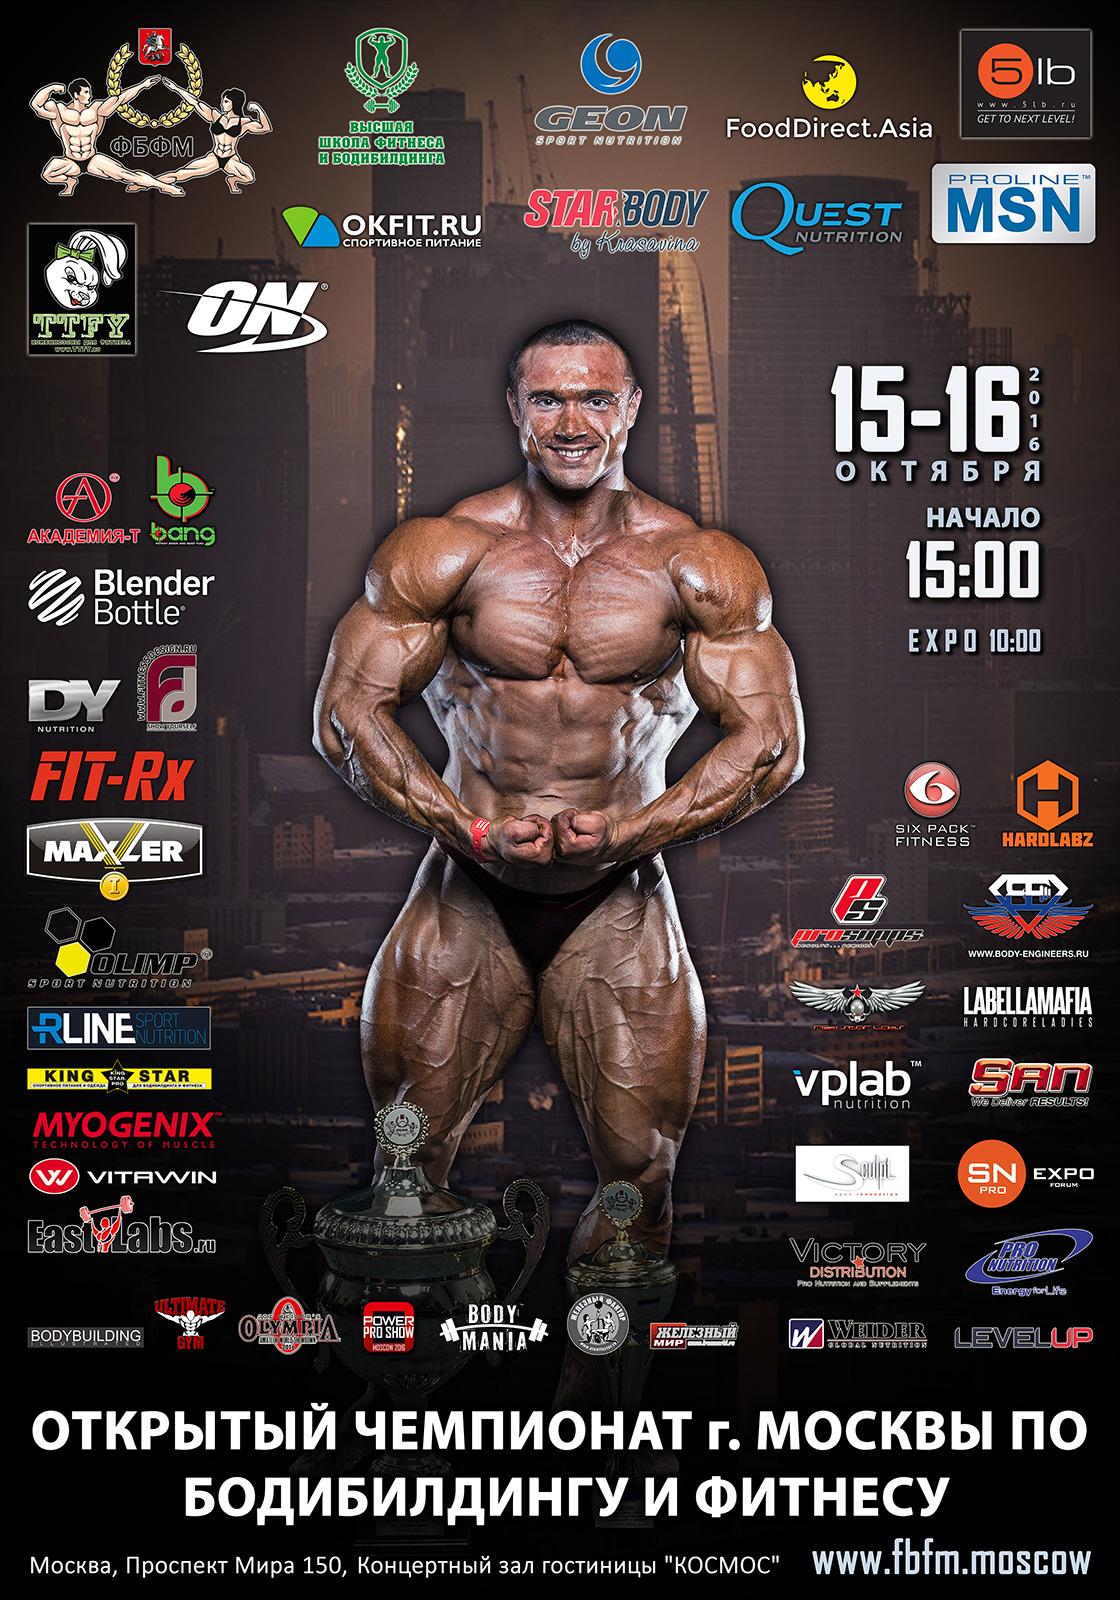 Афиша Чемпионата Москвы по бодибилдинга 2016